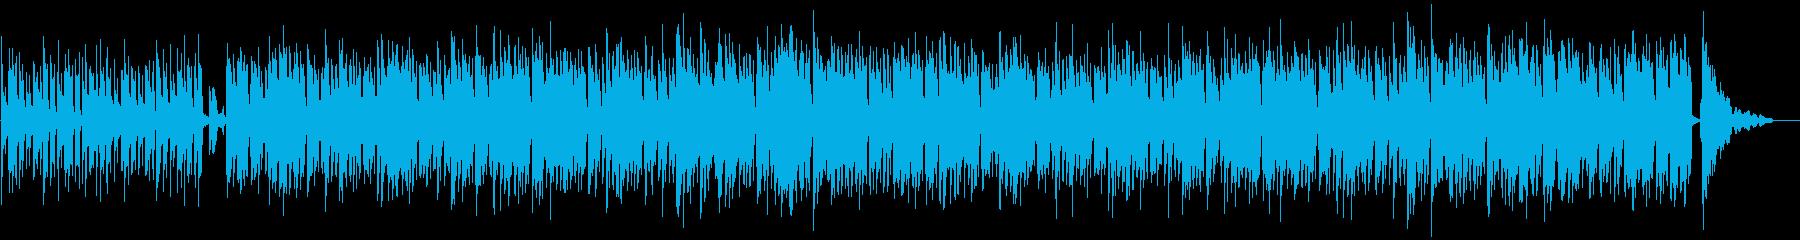 爽やかで汎用性あるボサノバの再生済みの波形